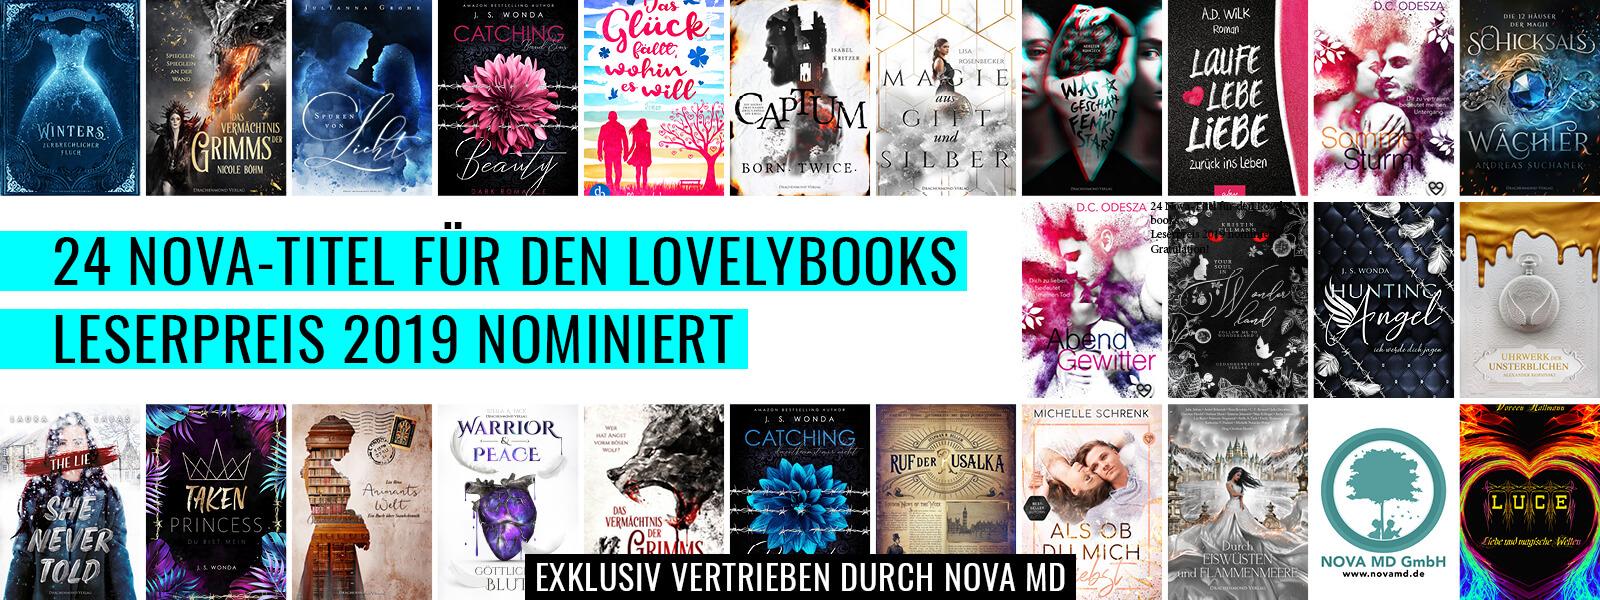 24 Nova-Titel sind für den Lovelybooks Leserpreis 2019 nominiert